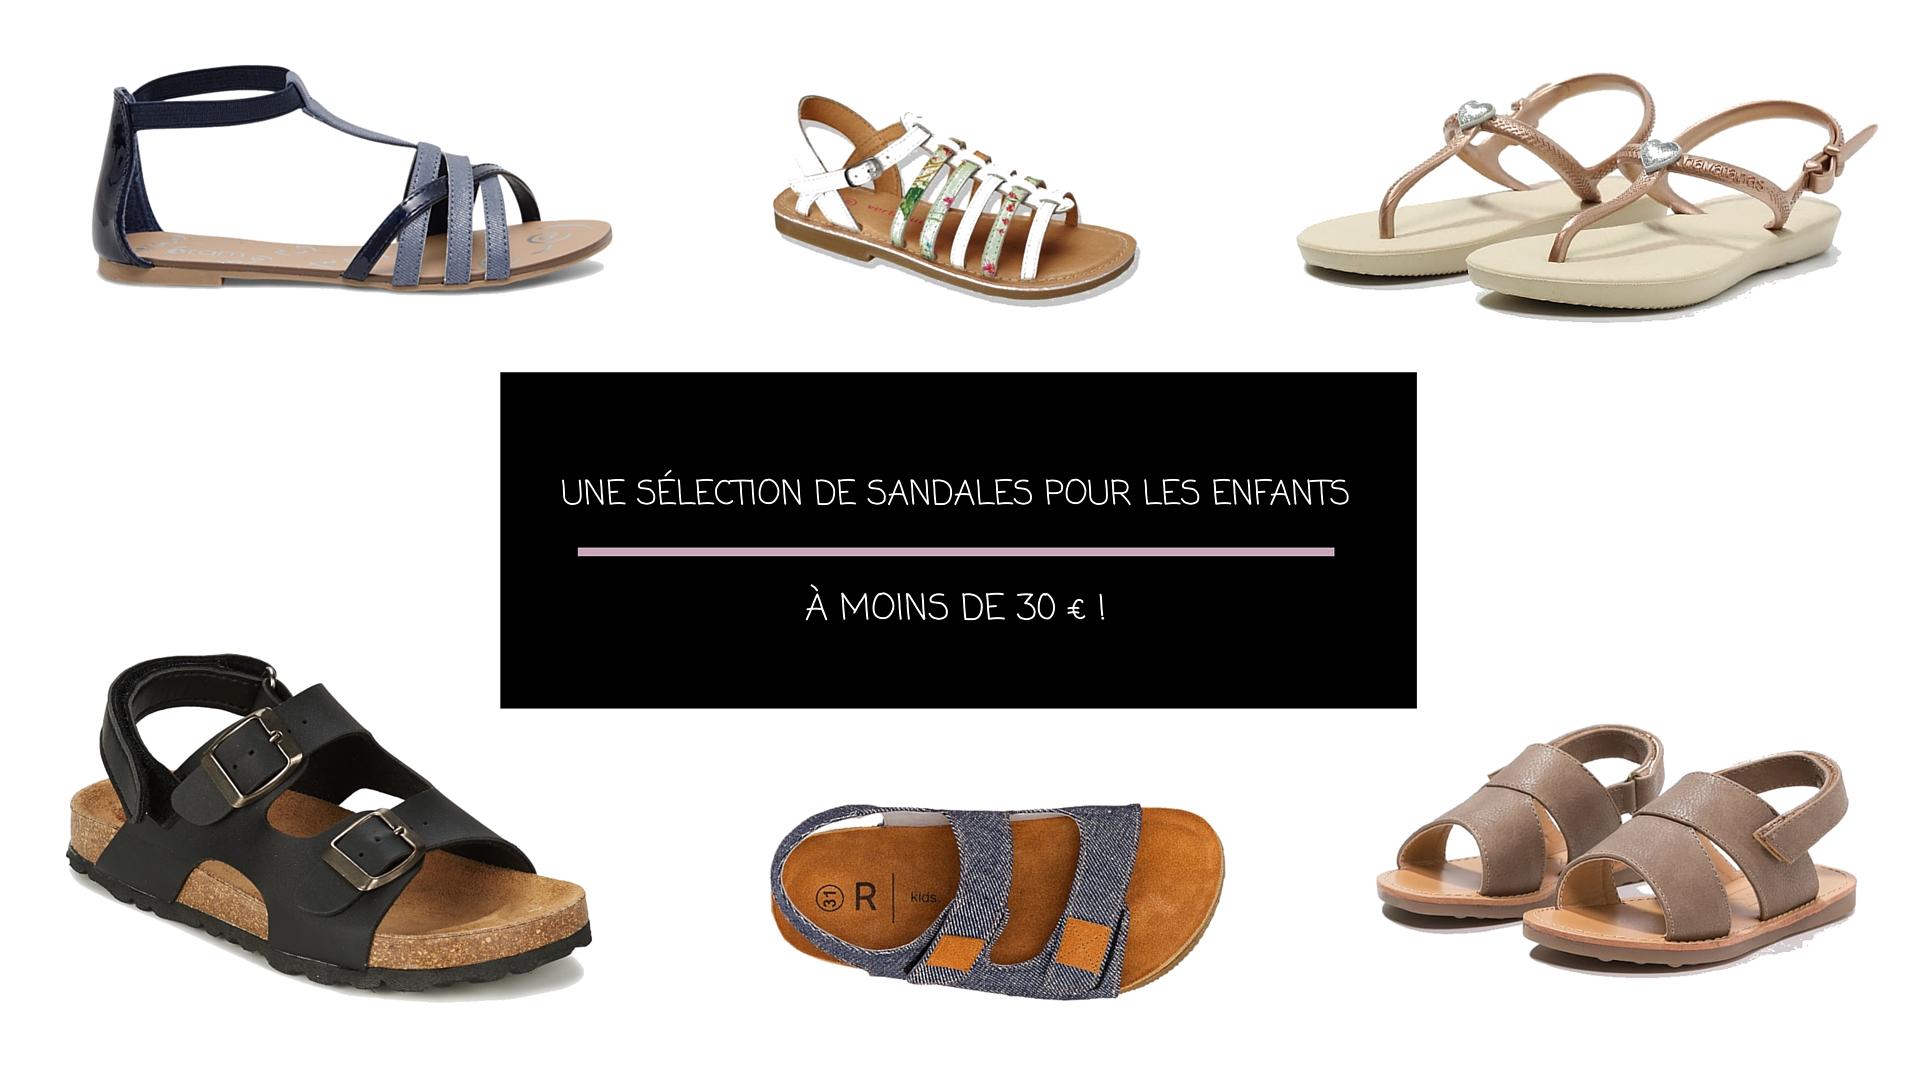 Sandales pour les enfants : une sélection à moins de 30€